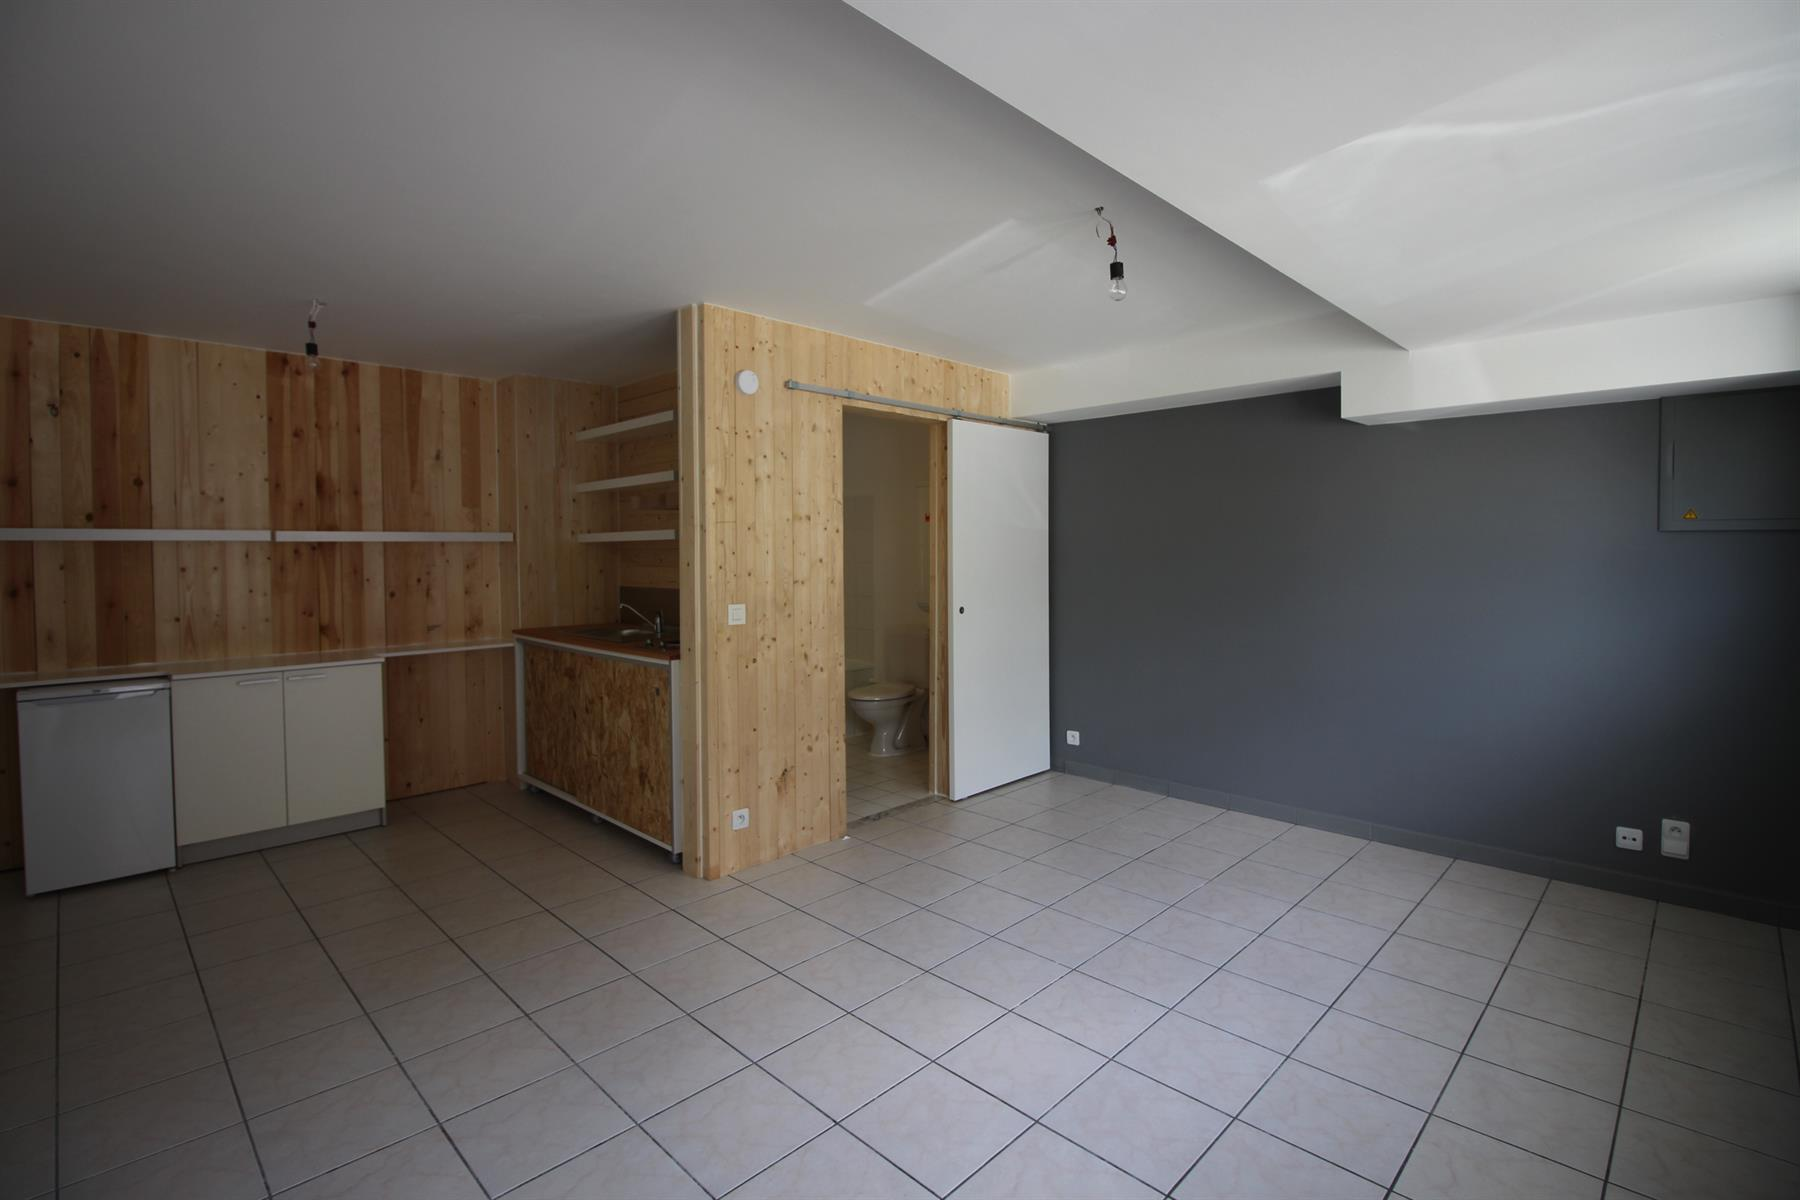 Studio - Ottignies-Louvain-la-Neuve - #4382353-2